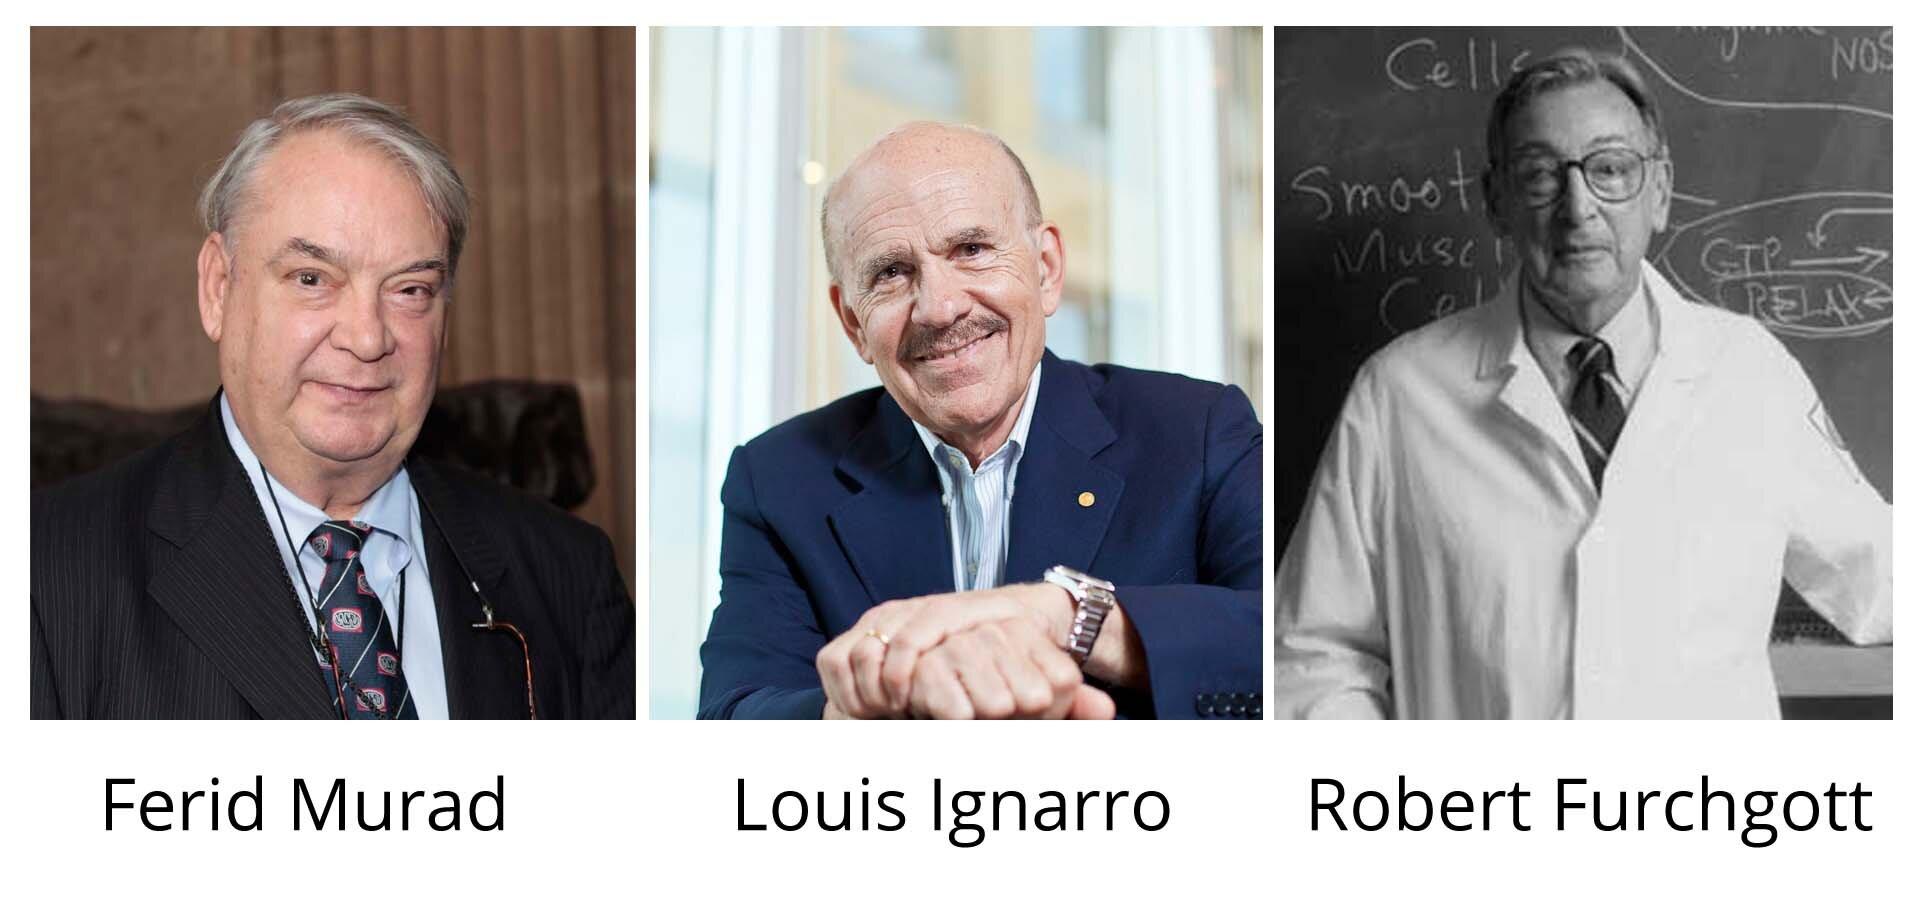 Ilustracja składa się ztrzech zdjęć przedstawiających noblistów: Ferida Murada, Louisa Ignarro iRoberta Furchgotta. Dwa pierwsze zdjęcia są kolorowe iprzedstawiają uczonych na tle neutralnym. Trzecie zdjęcie jest czarno-białe iprzedstawia Roberta Furchgotta na tle tablicy podczas wykładu.